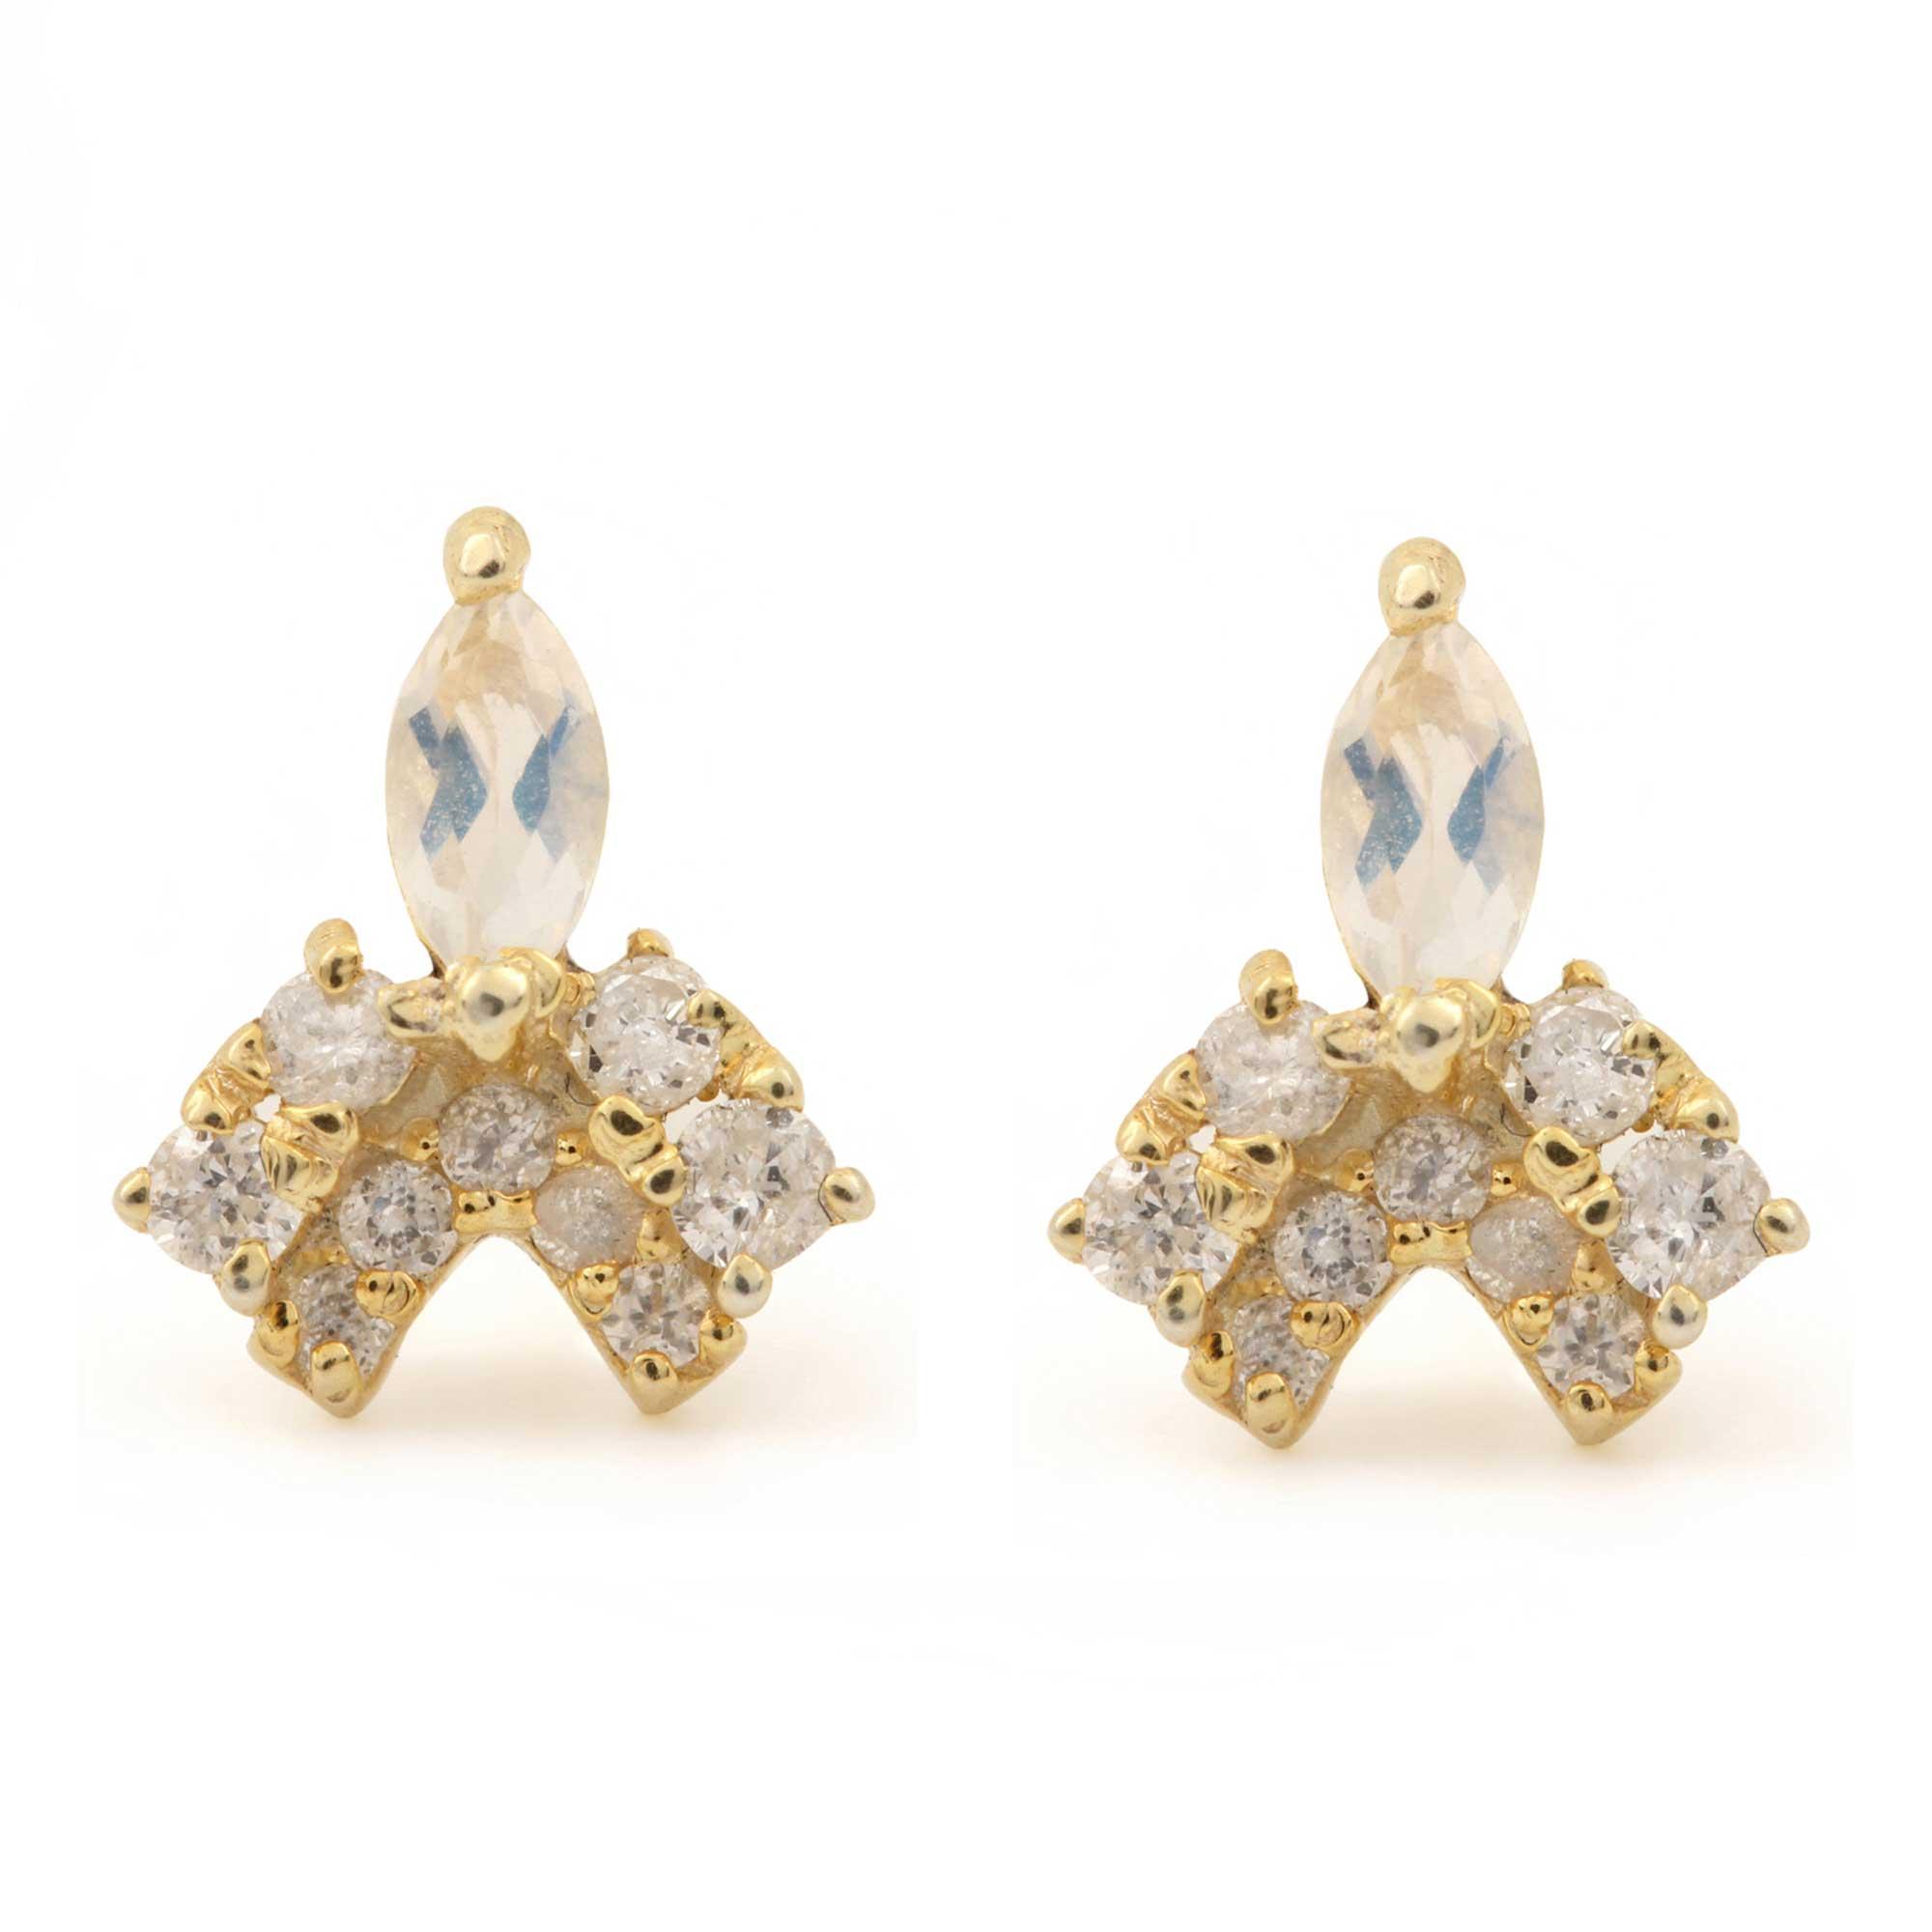 14k Solid Gold Natural Diamond Rainbow Moonstone Minimalist Stud Earrings